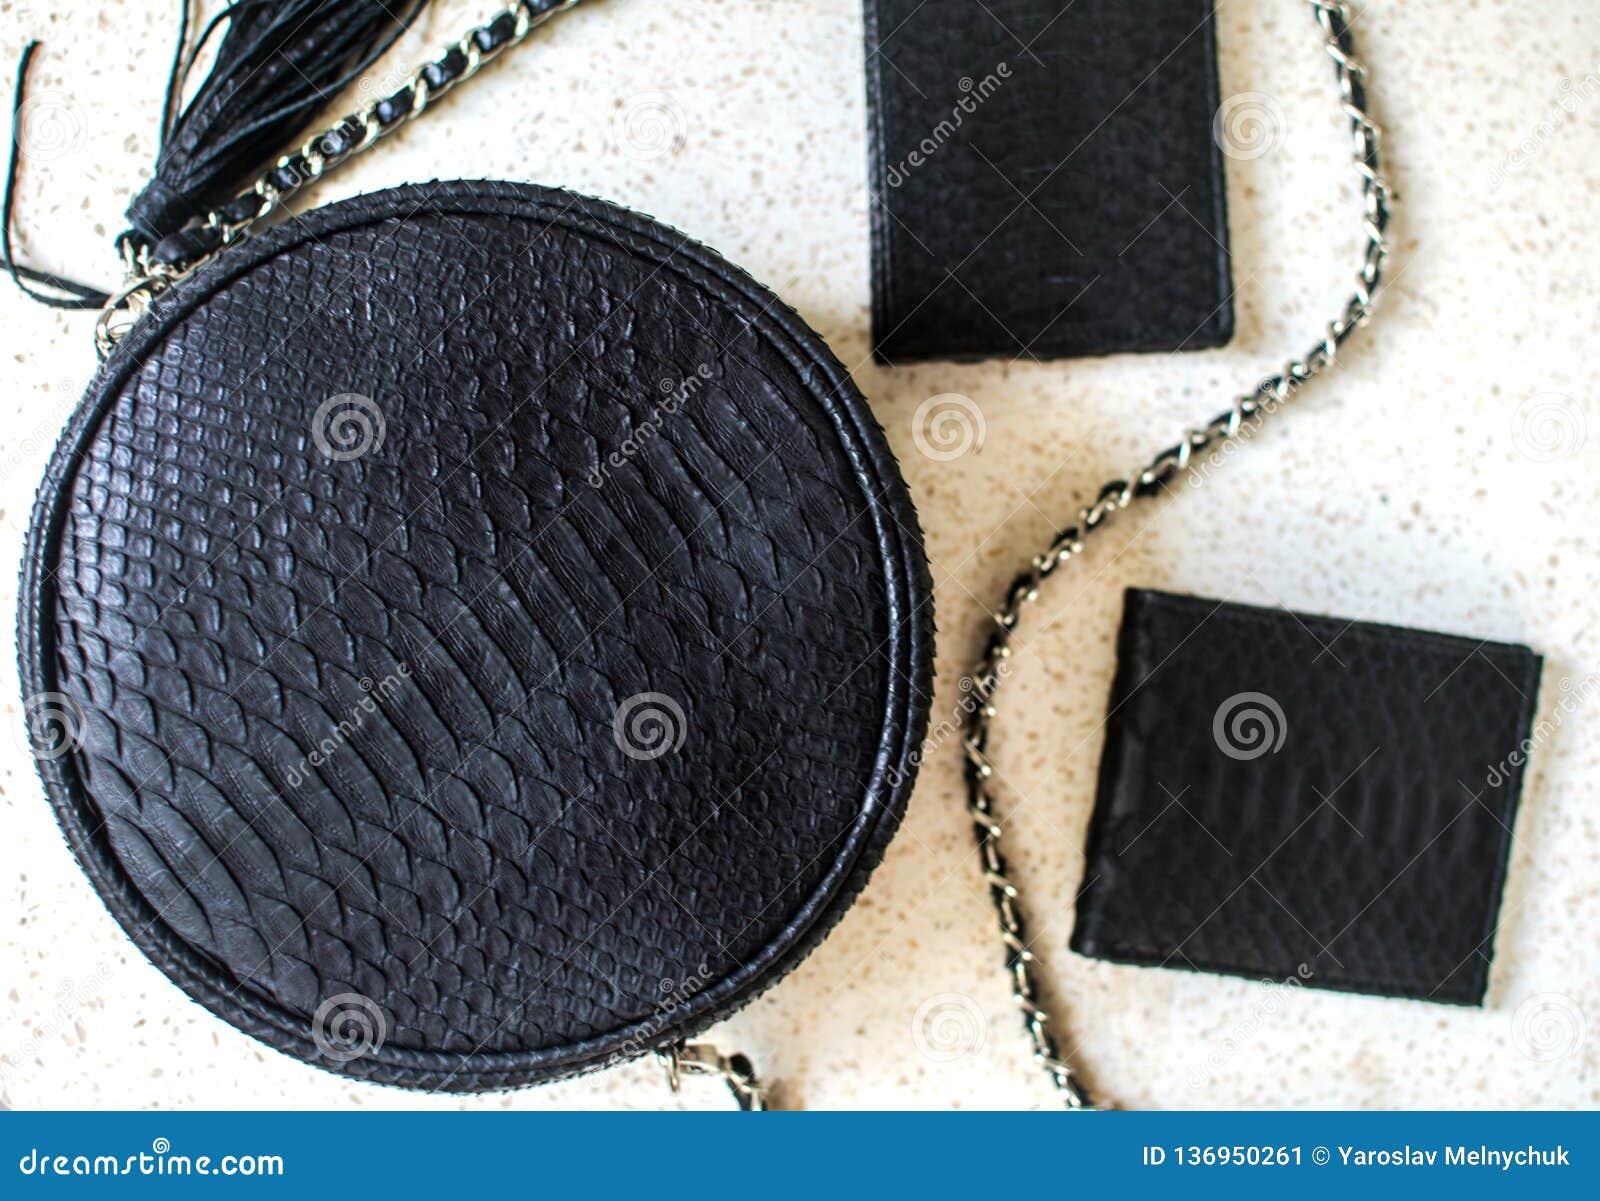 Set produkty które zrobili pyton skóra Czarna luksusowa torba i purset, portfel Kiesa dla mężczyzny, portfel dla kobiety Moda